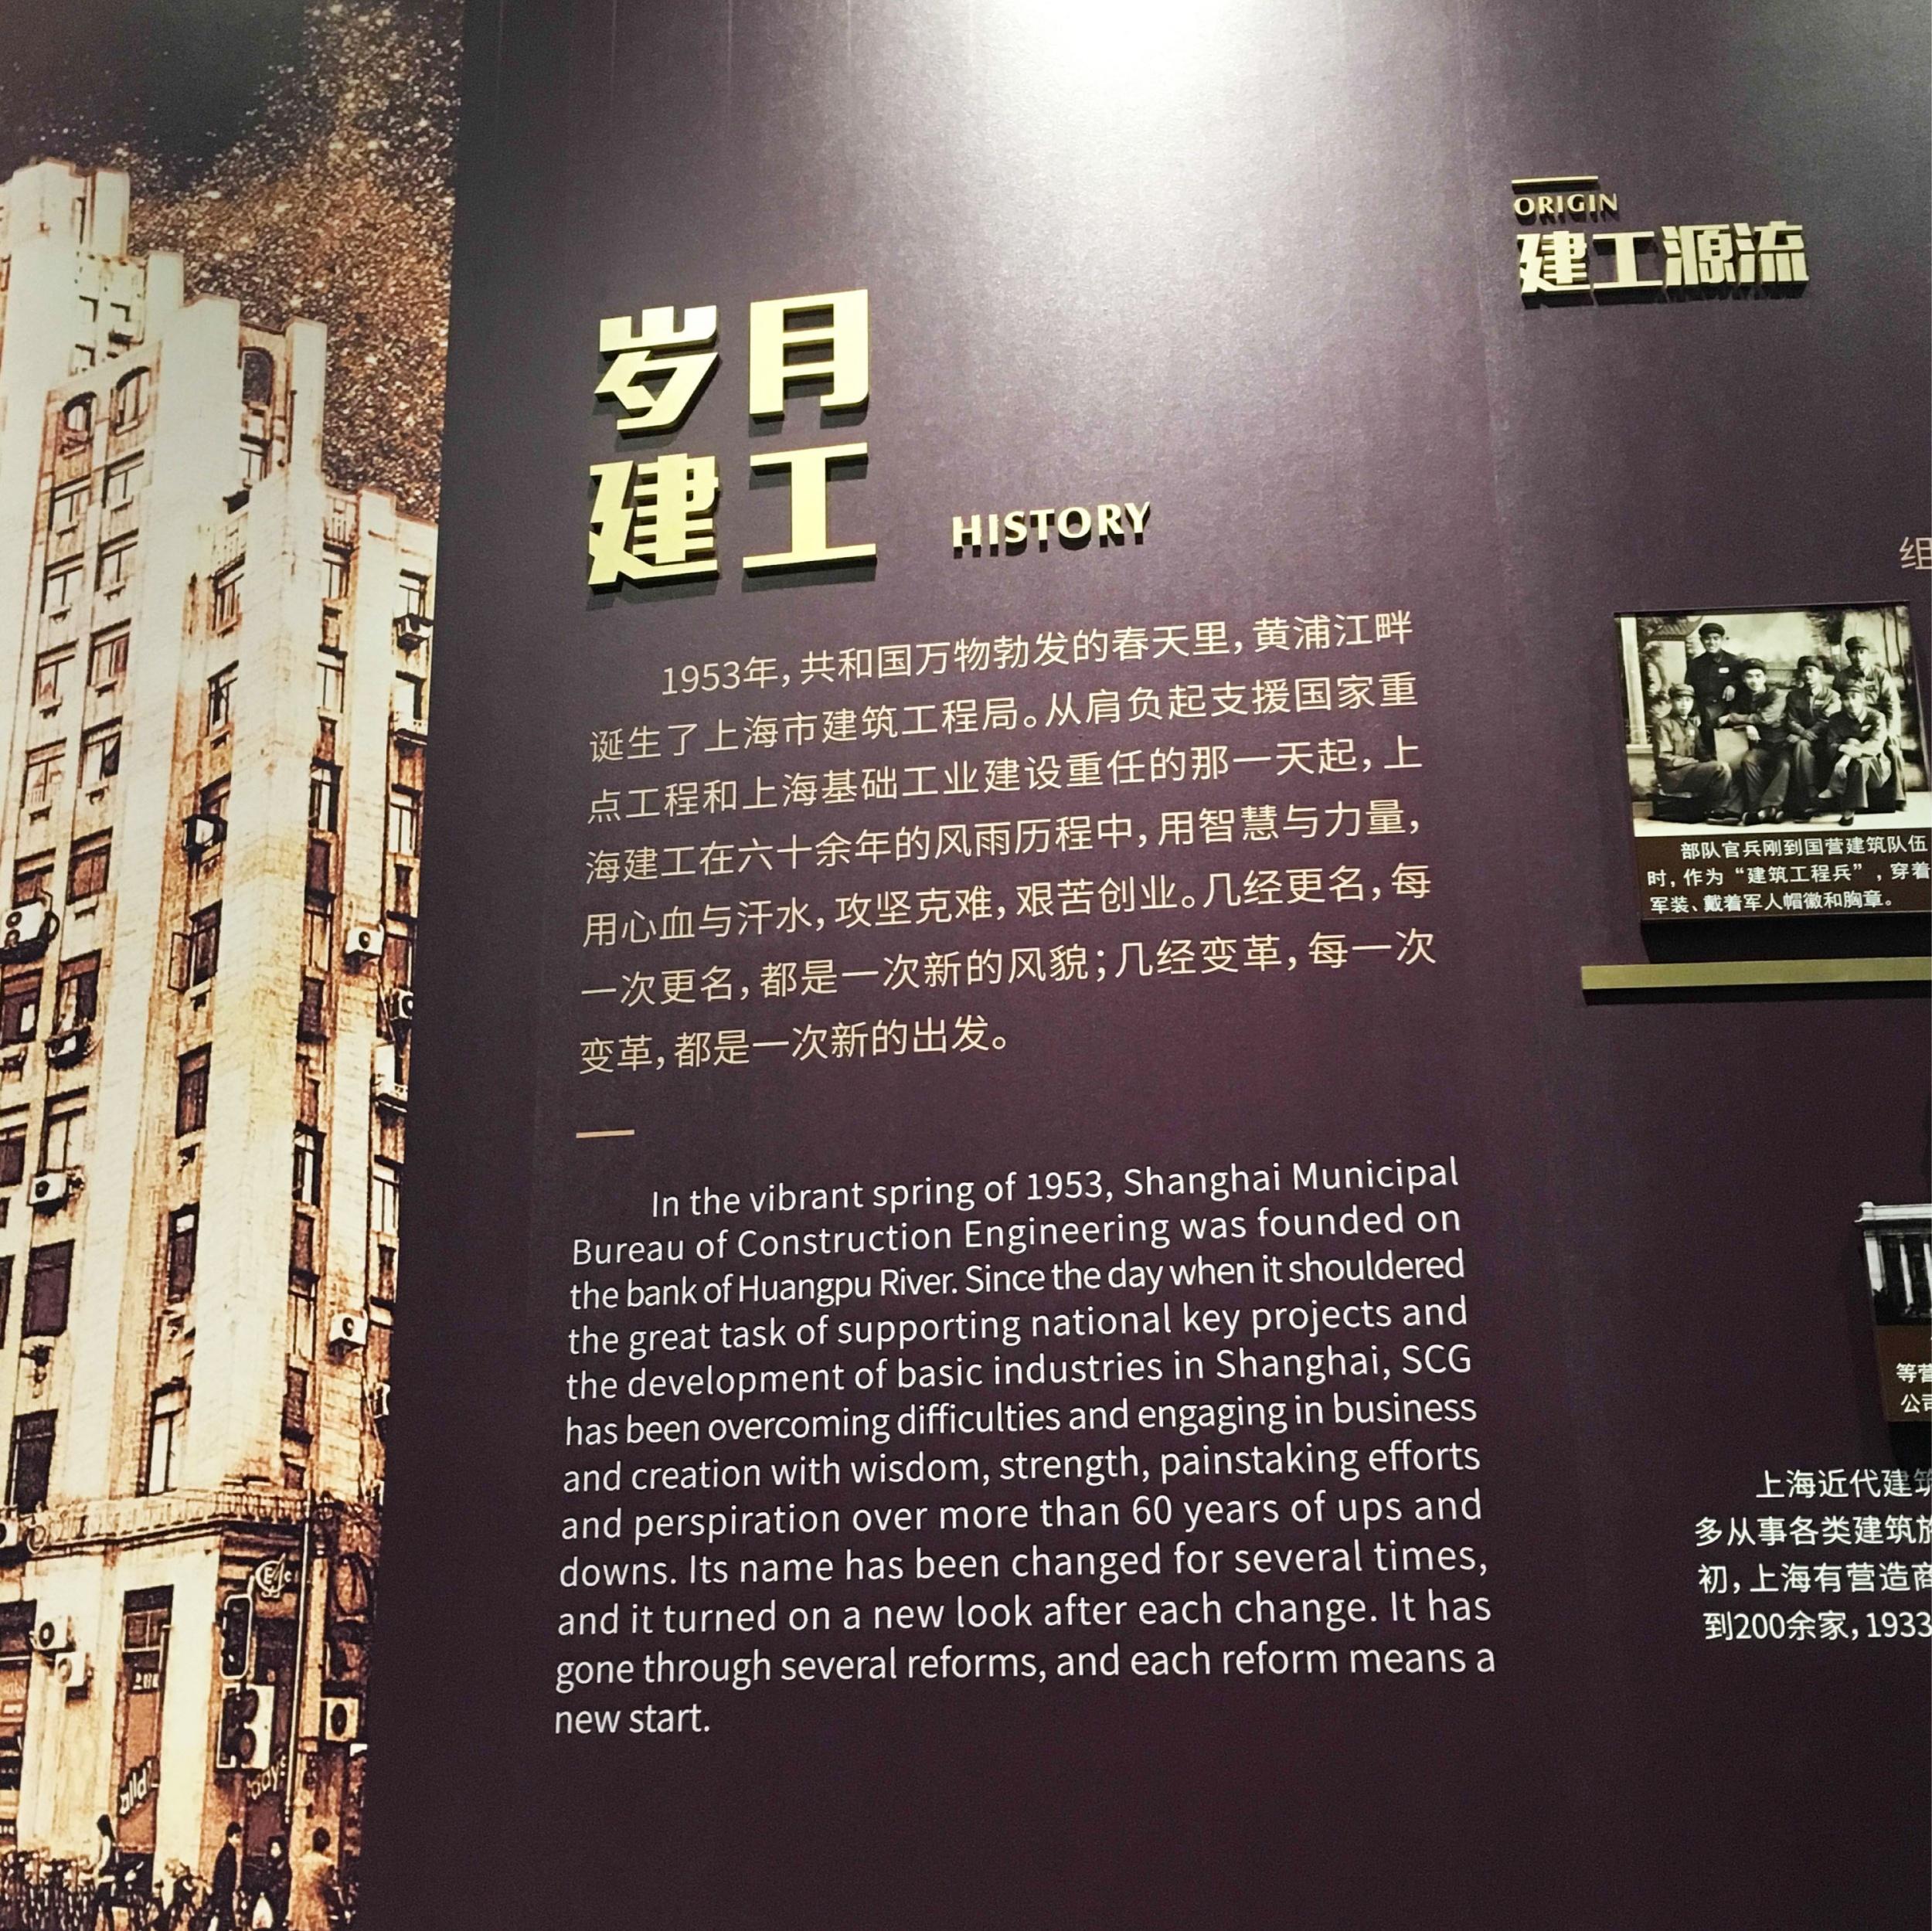 上海建工展厅